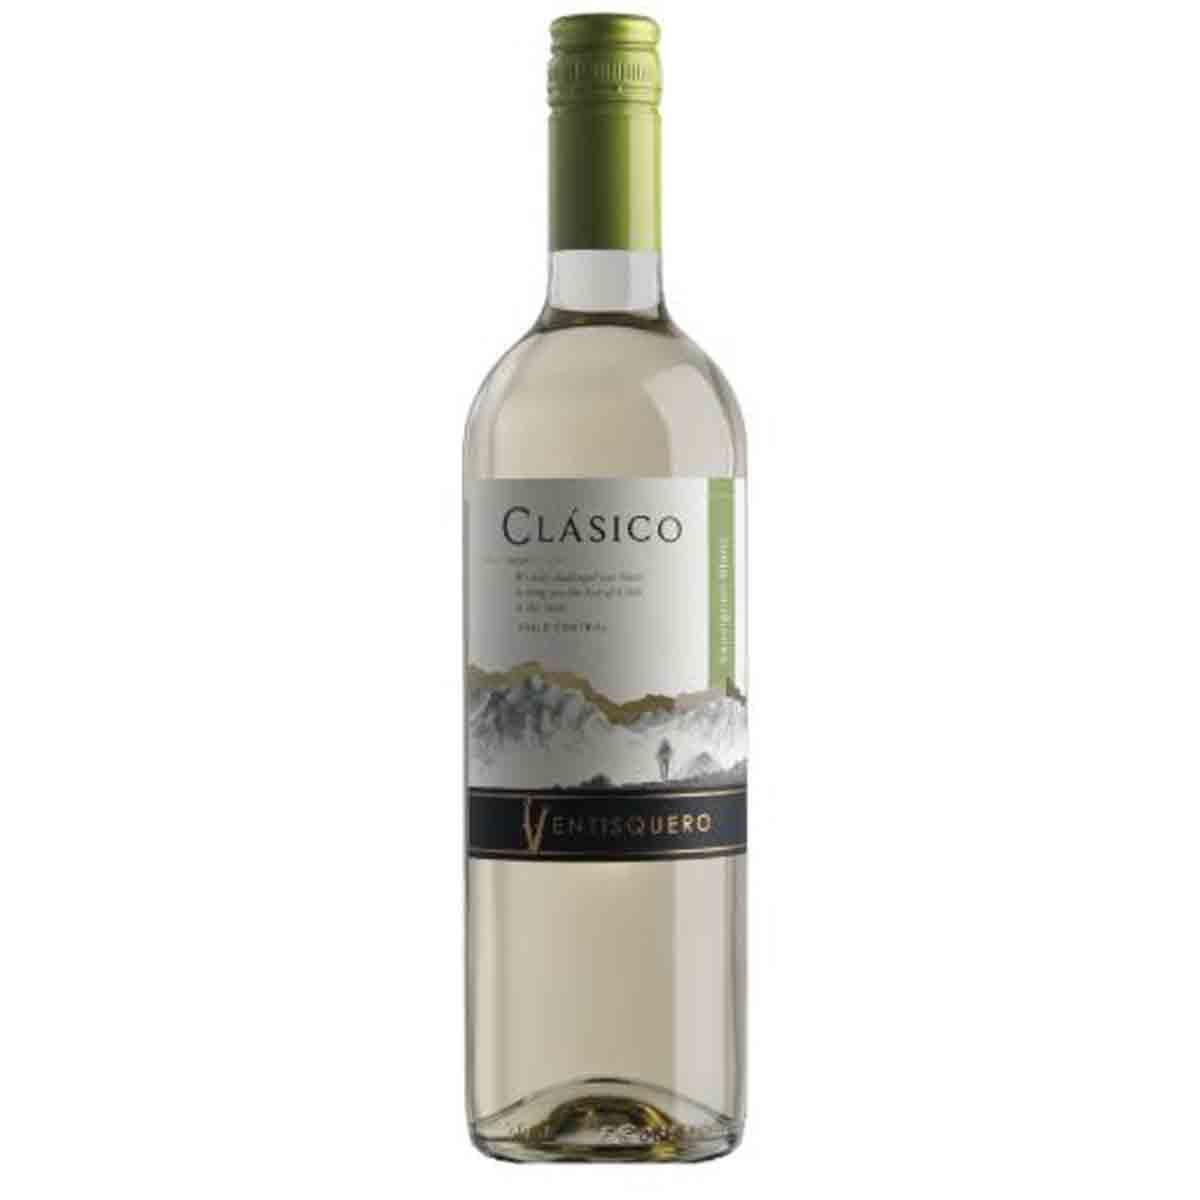 Vinho Branco Chileno Classico Ventisquero Sauvignon Blanc 2020